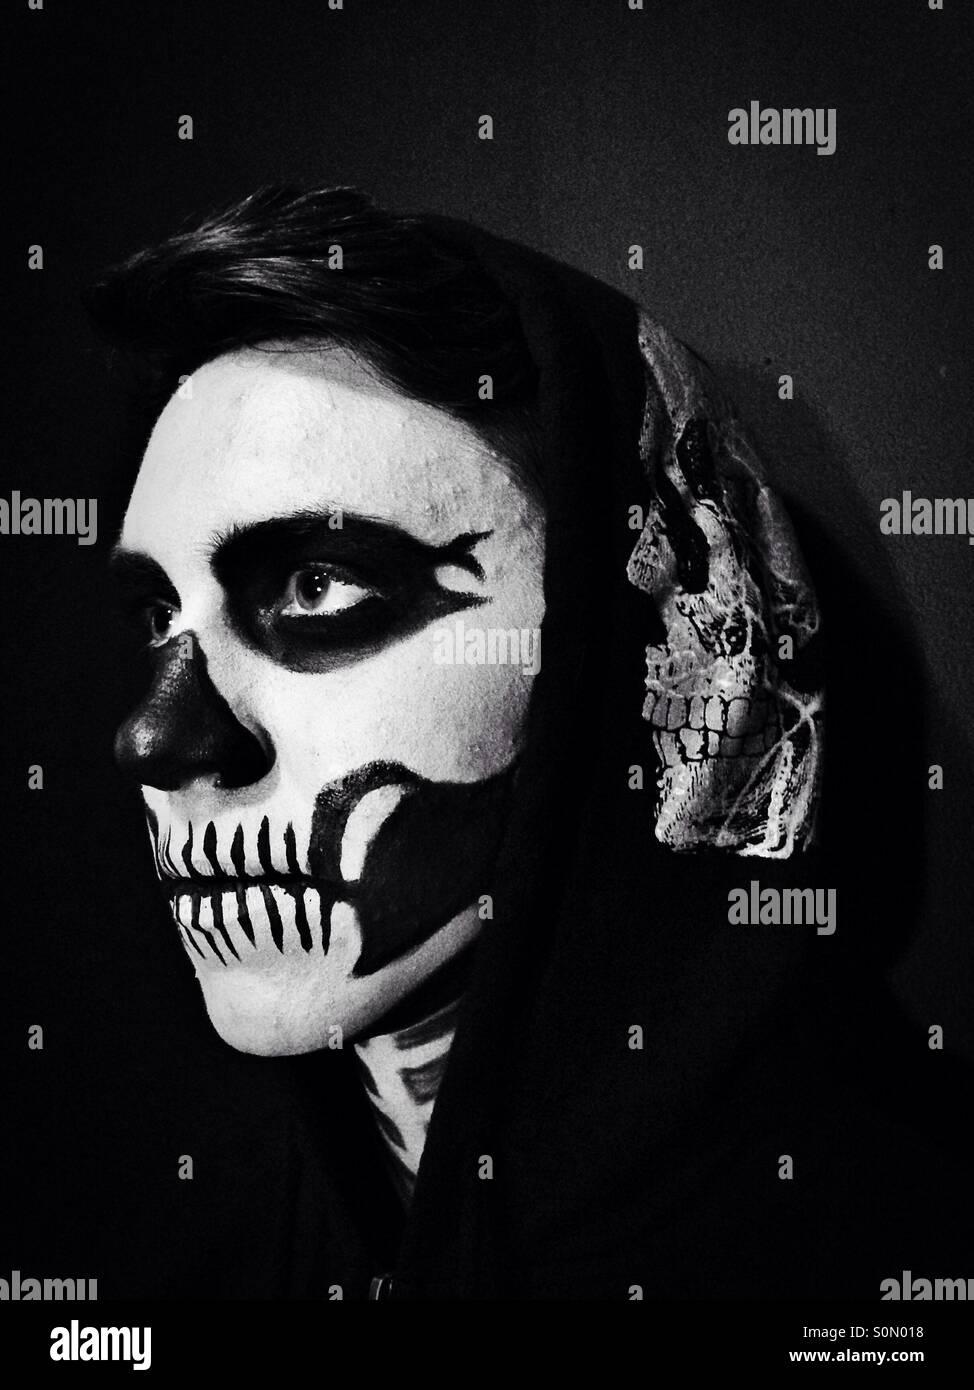 Nahaufnahme einer Person mit Skelett Make-up. Stockbild